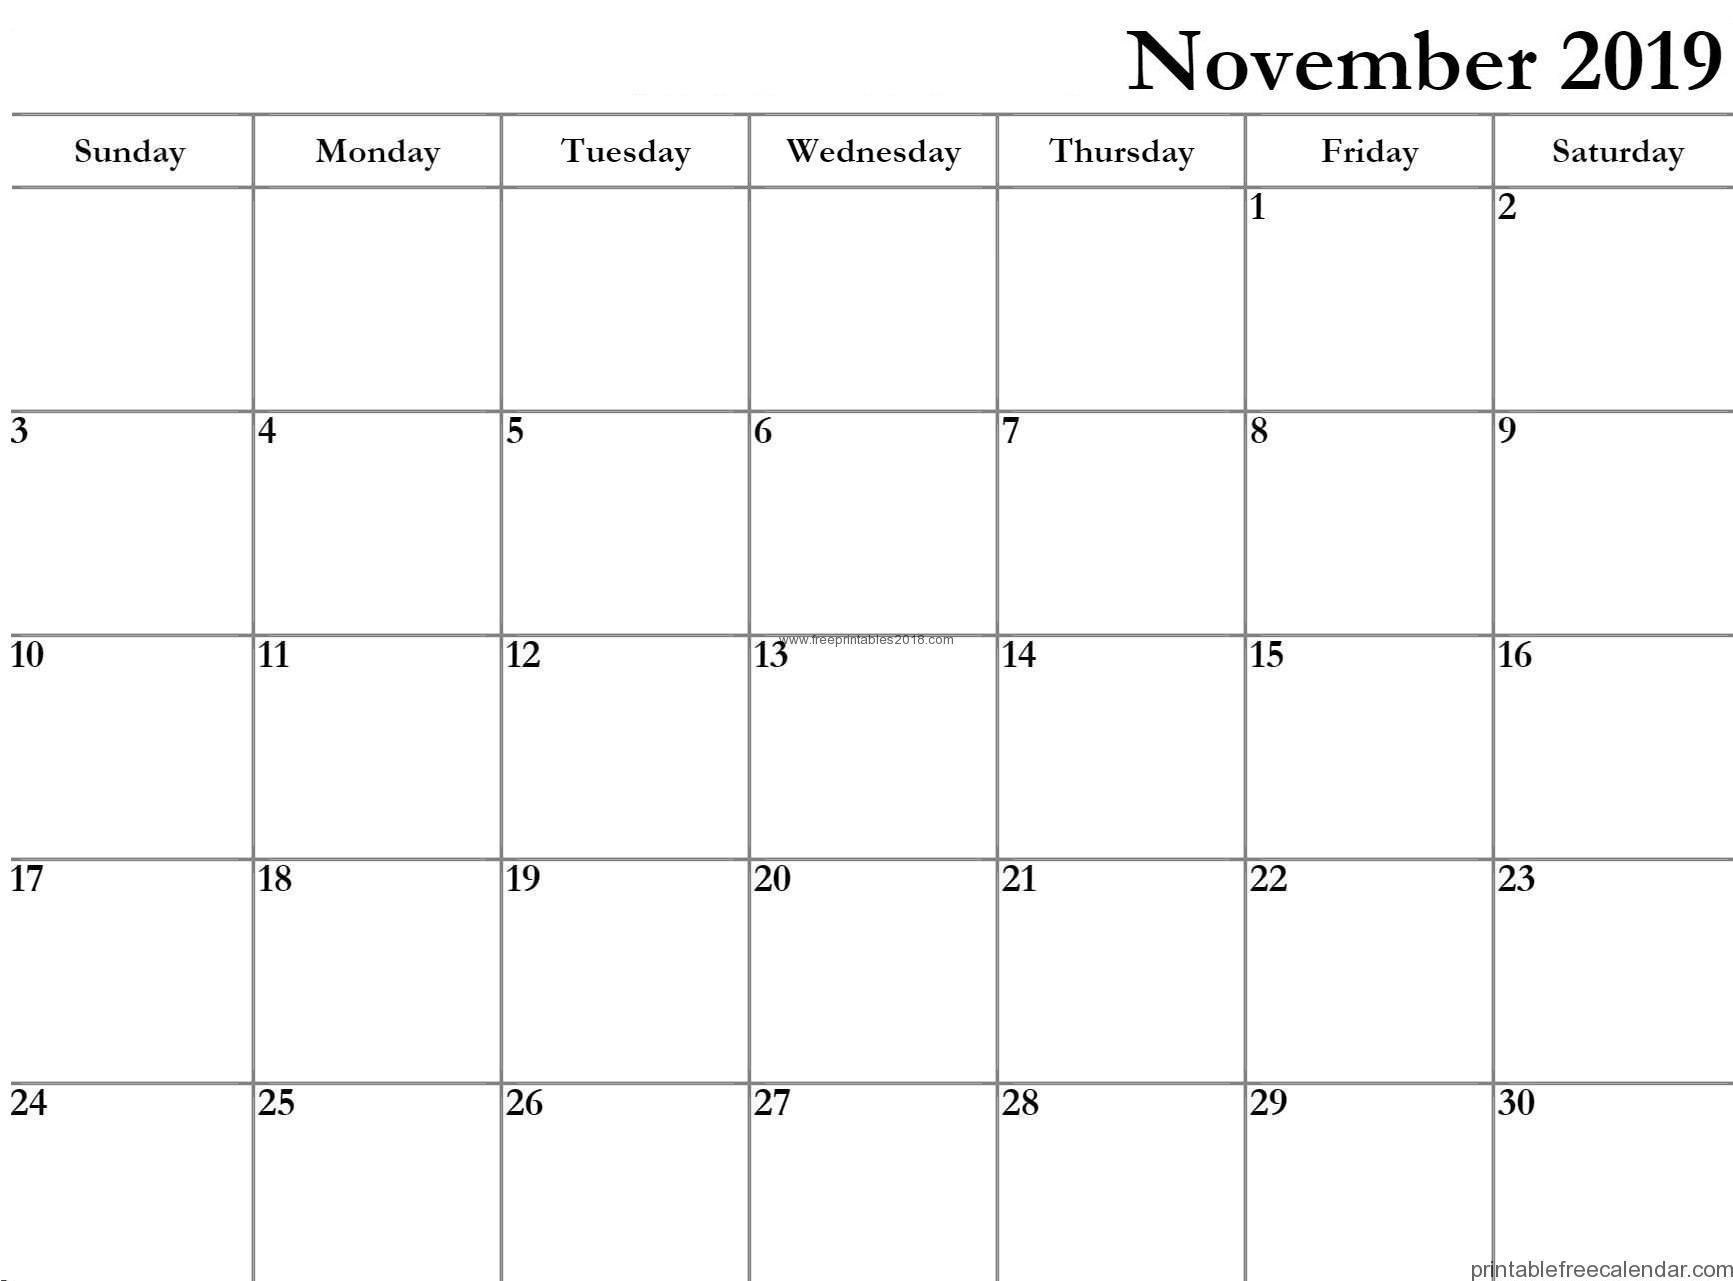 November 2019 Kalender bearbeitbare druckbare Vorlagen